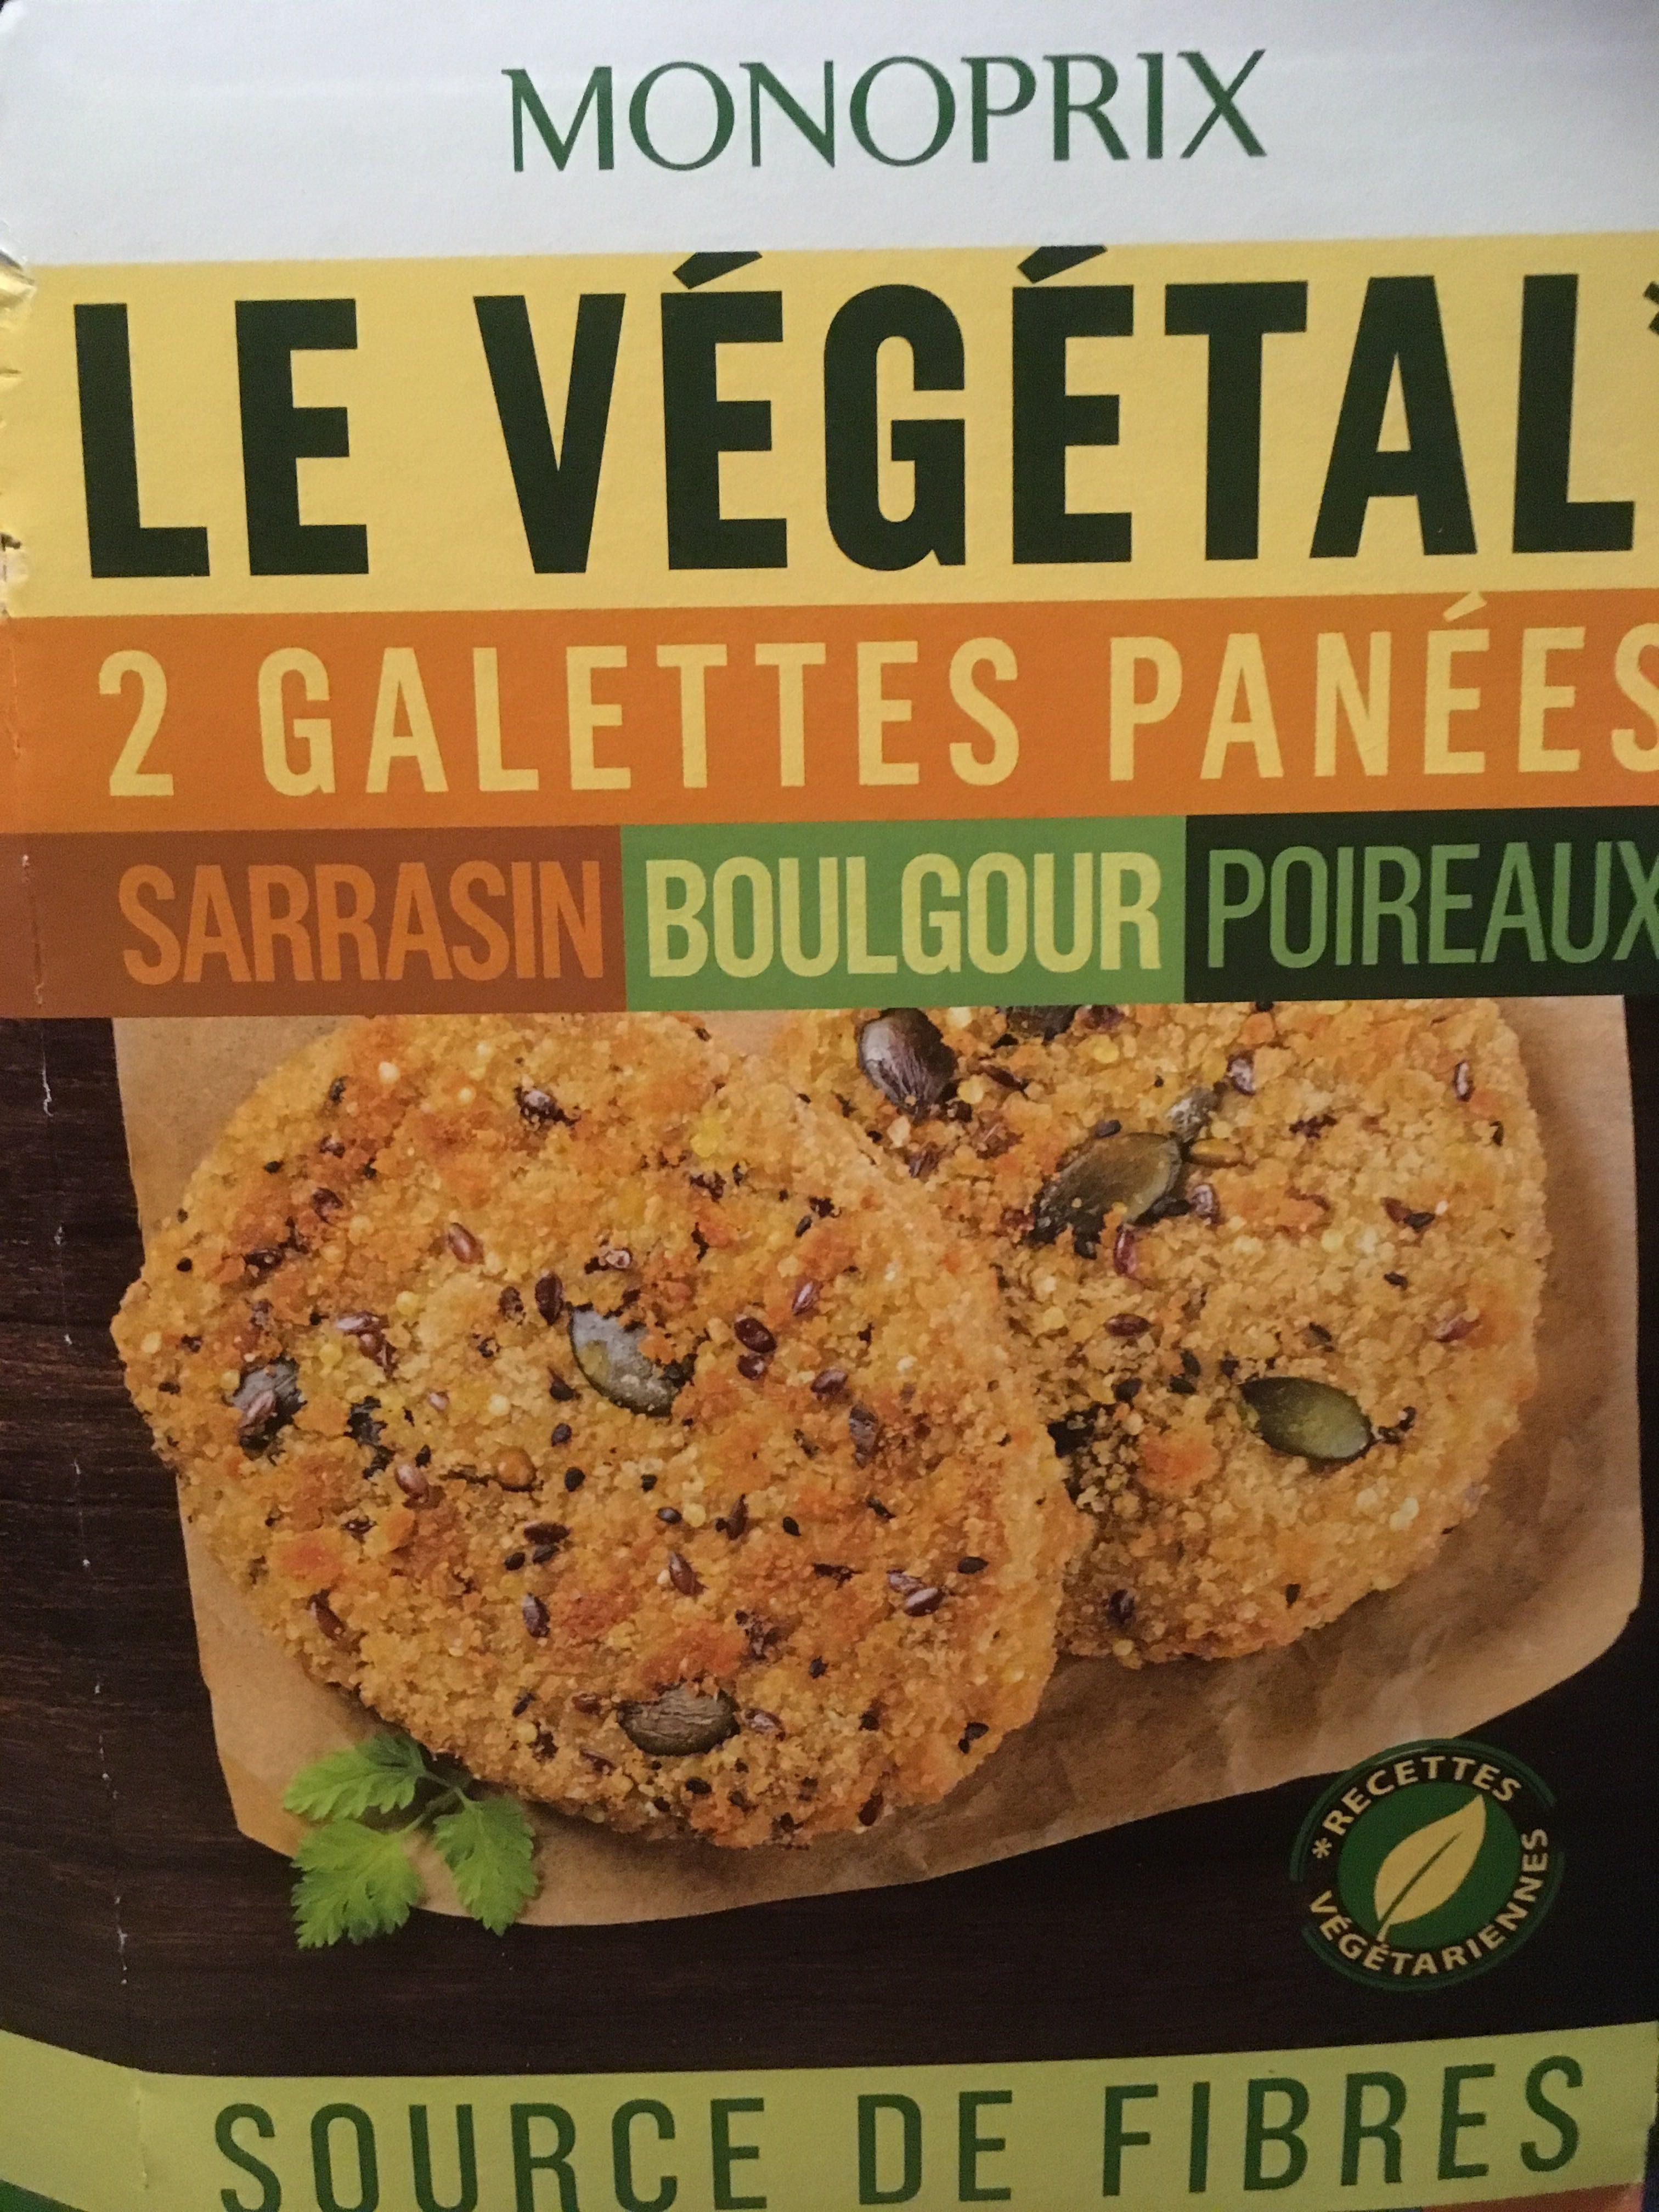 Galettes panées sarrasin boulgour poireaux - Product - fr